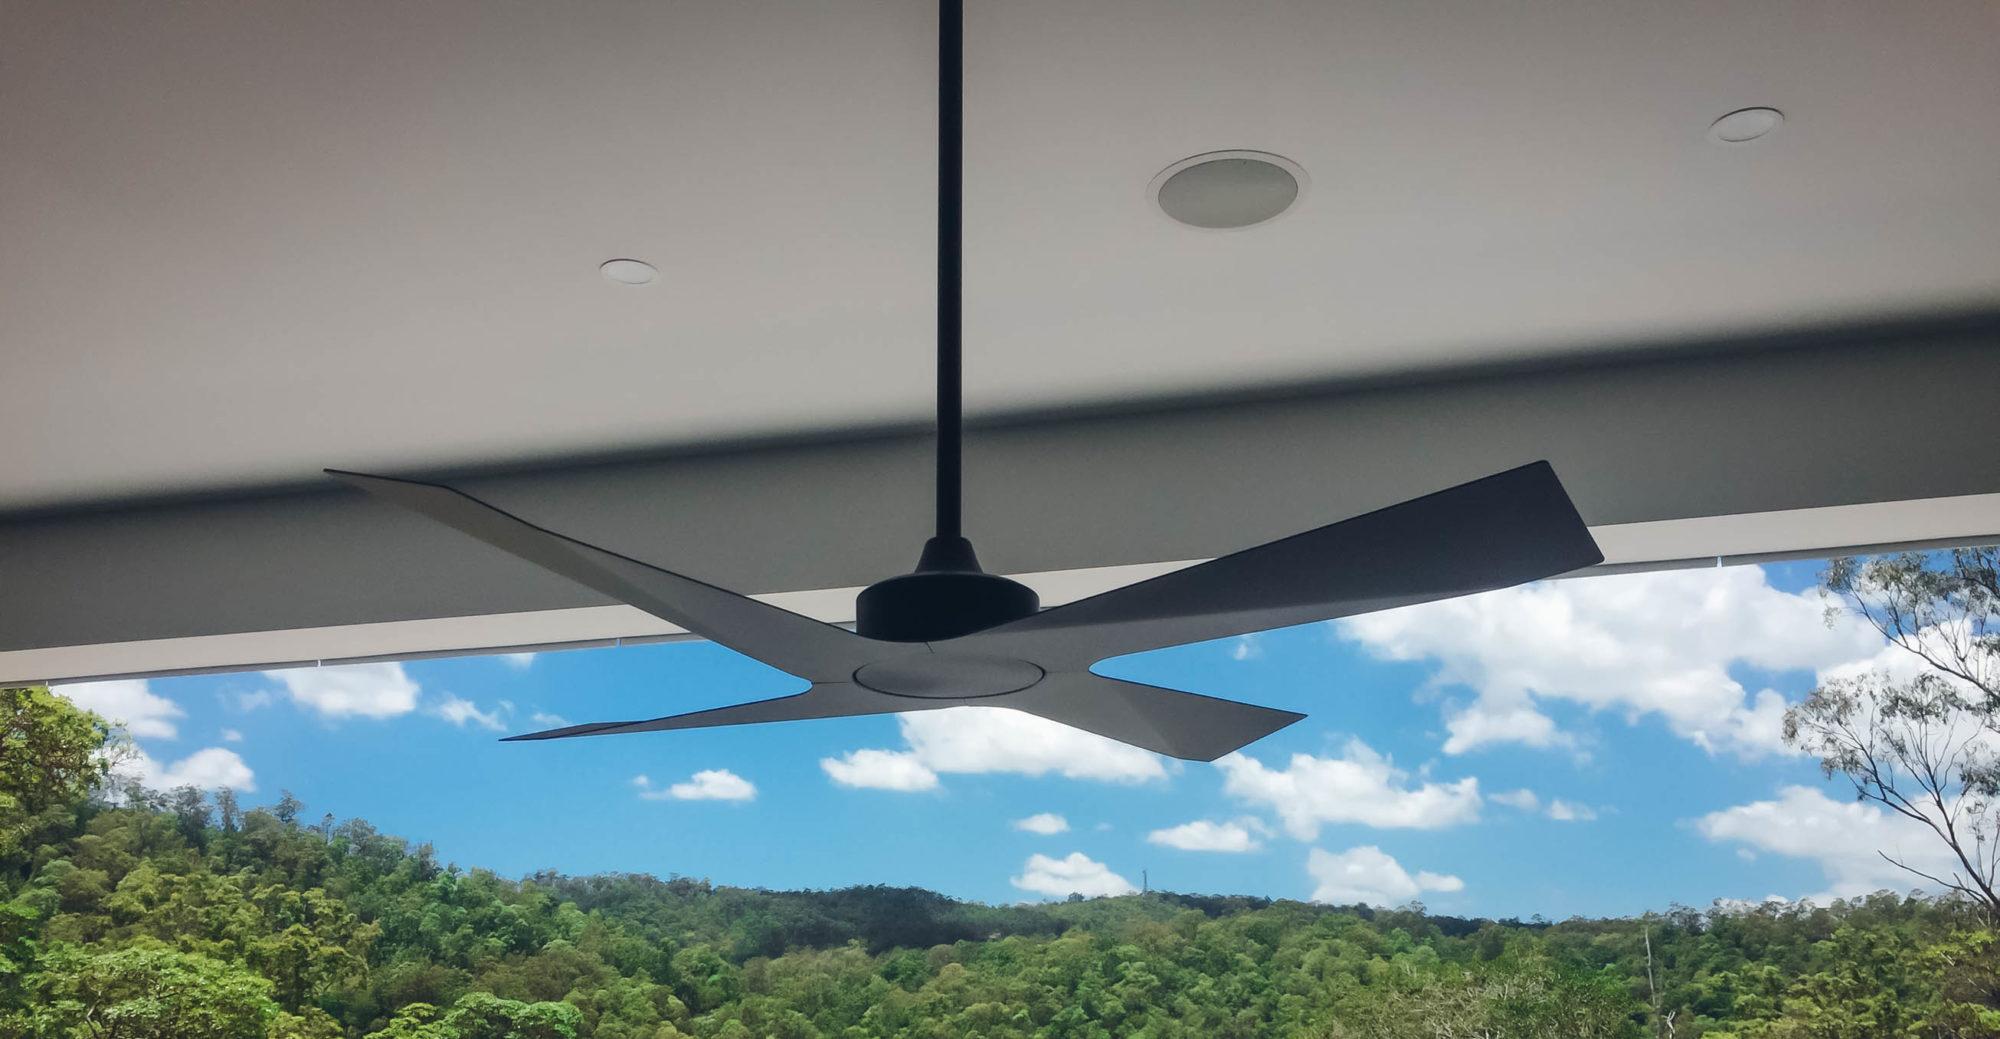 Modn 4 Ceiling Fan 25